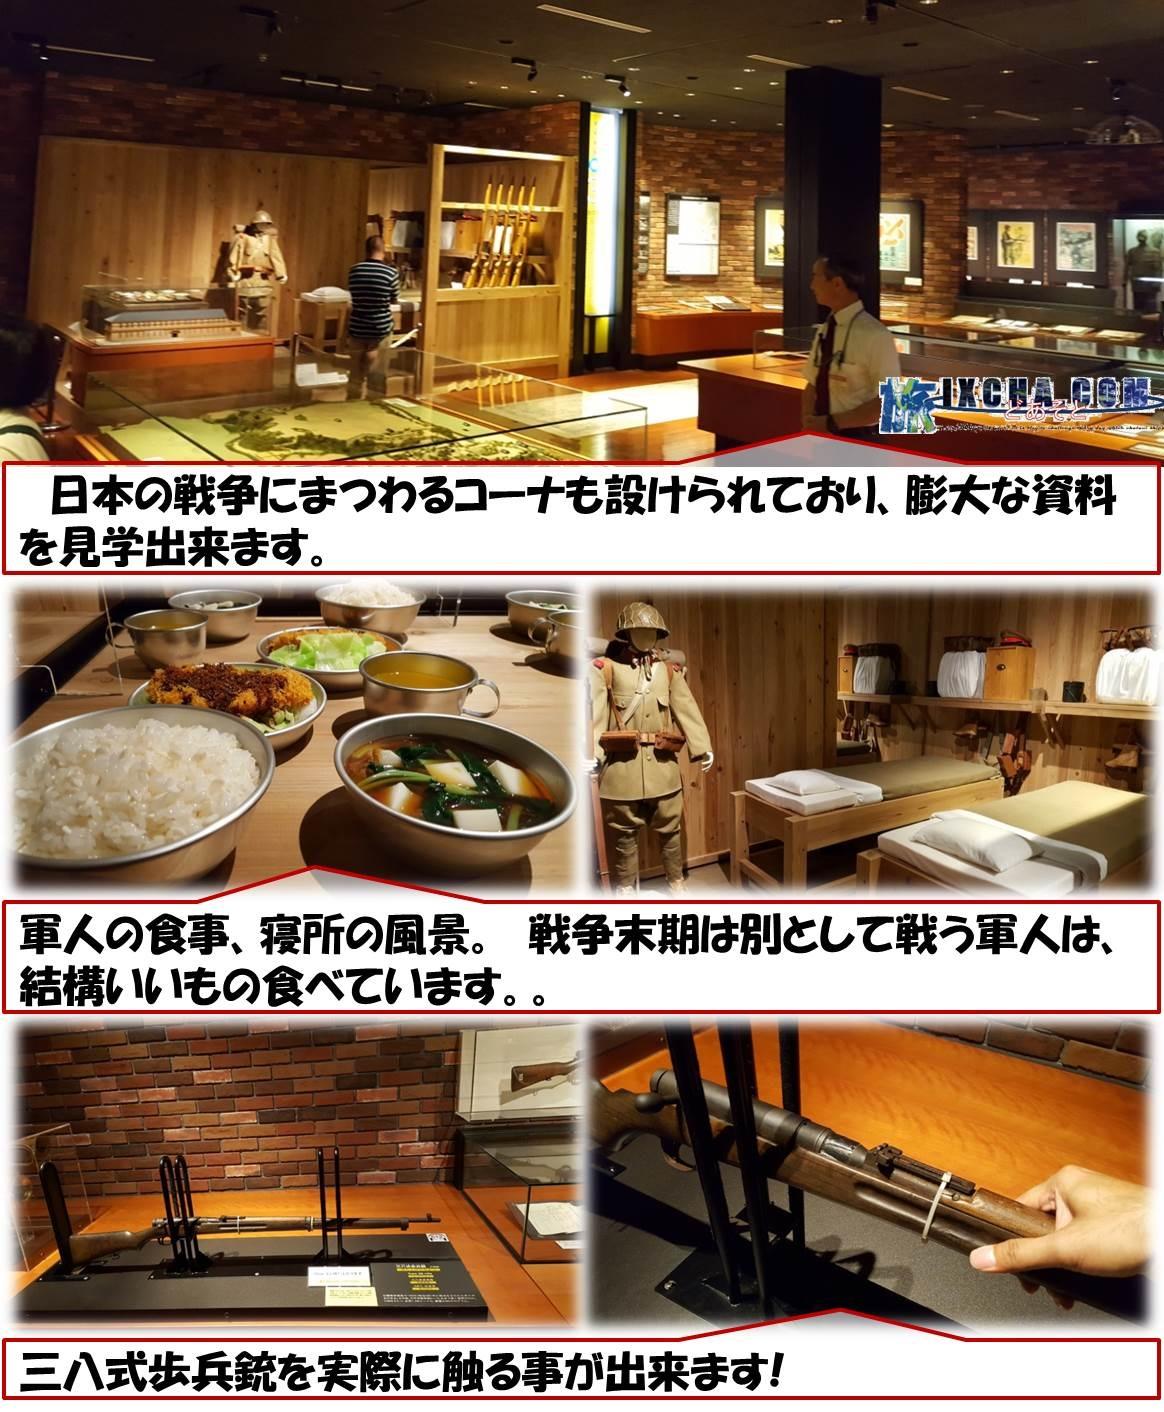 日本の戦争にまつわるコーナも設けられており、膨大な資料を見学出来ます。 軍人の食事、寝所の風景。 戦争末期は別として戦う軍人は、結構いいもの食べています。。 三八式歩兵銃を実際に触る事が出来ます!